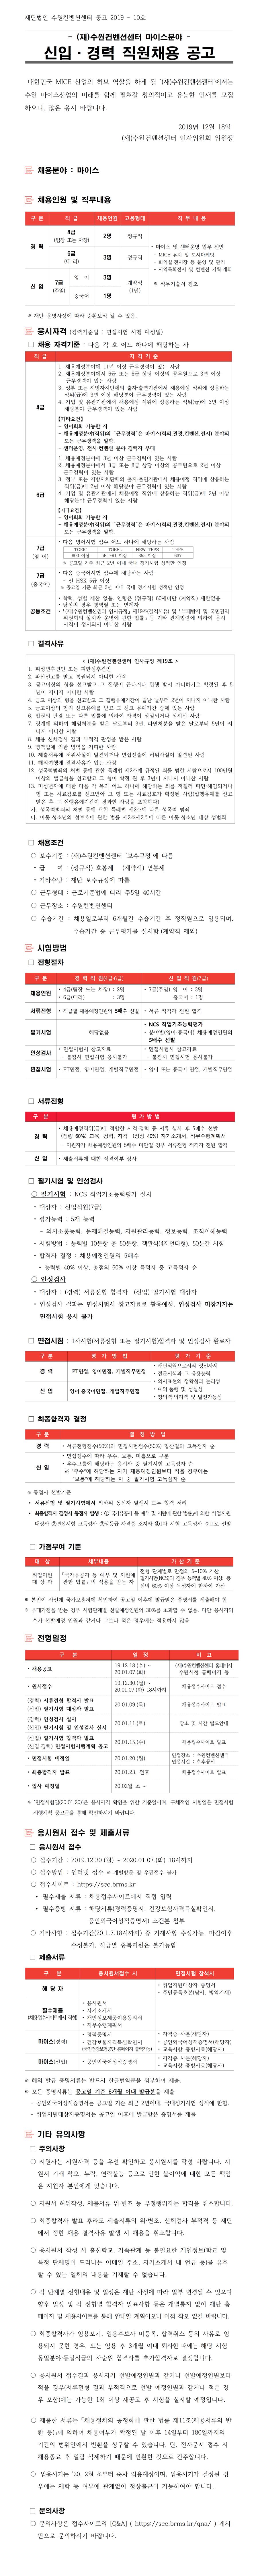 공고문(마이스)_up_1.png